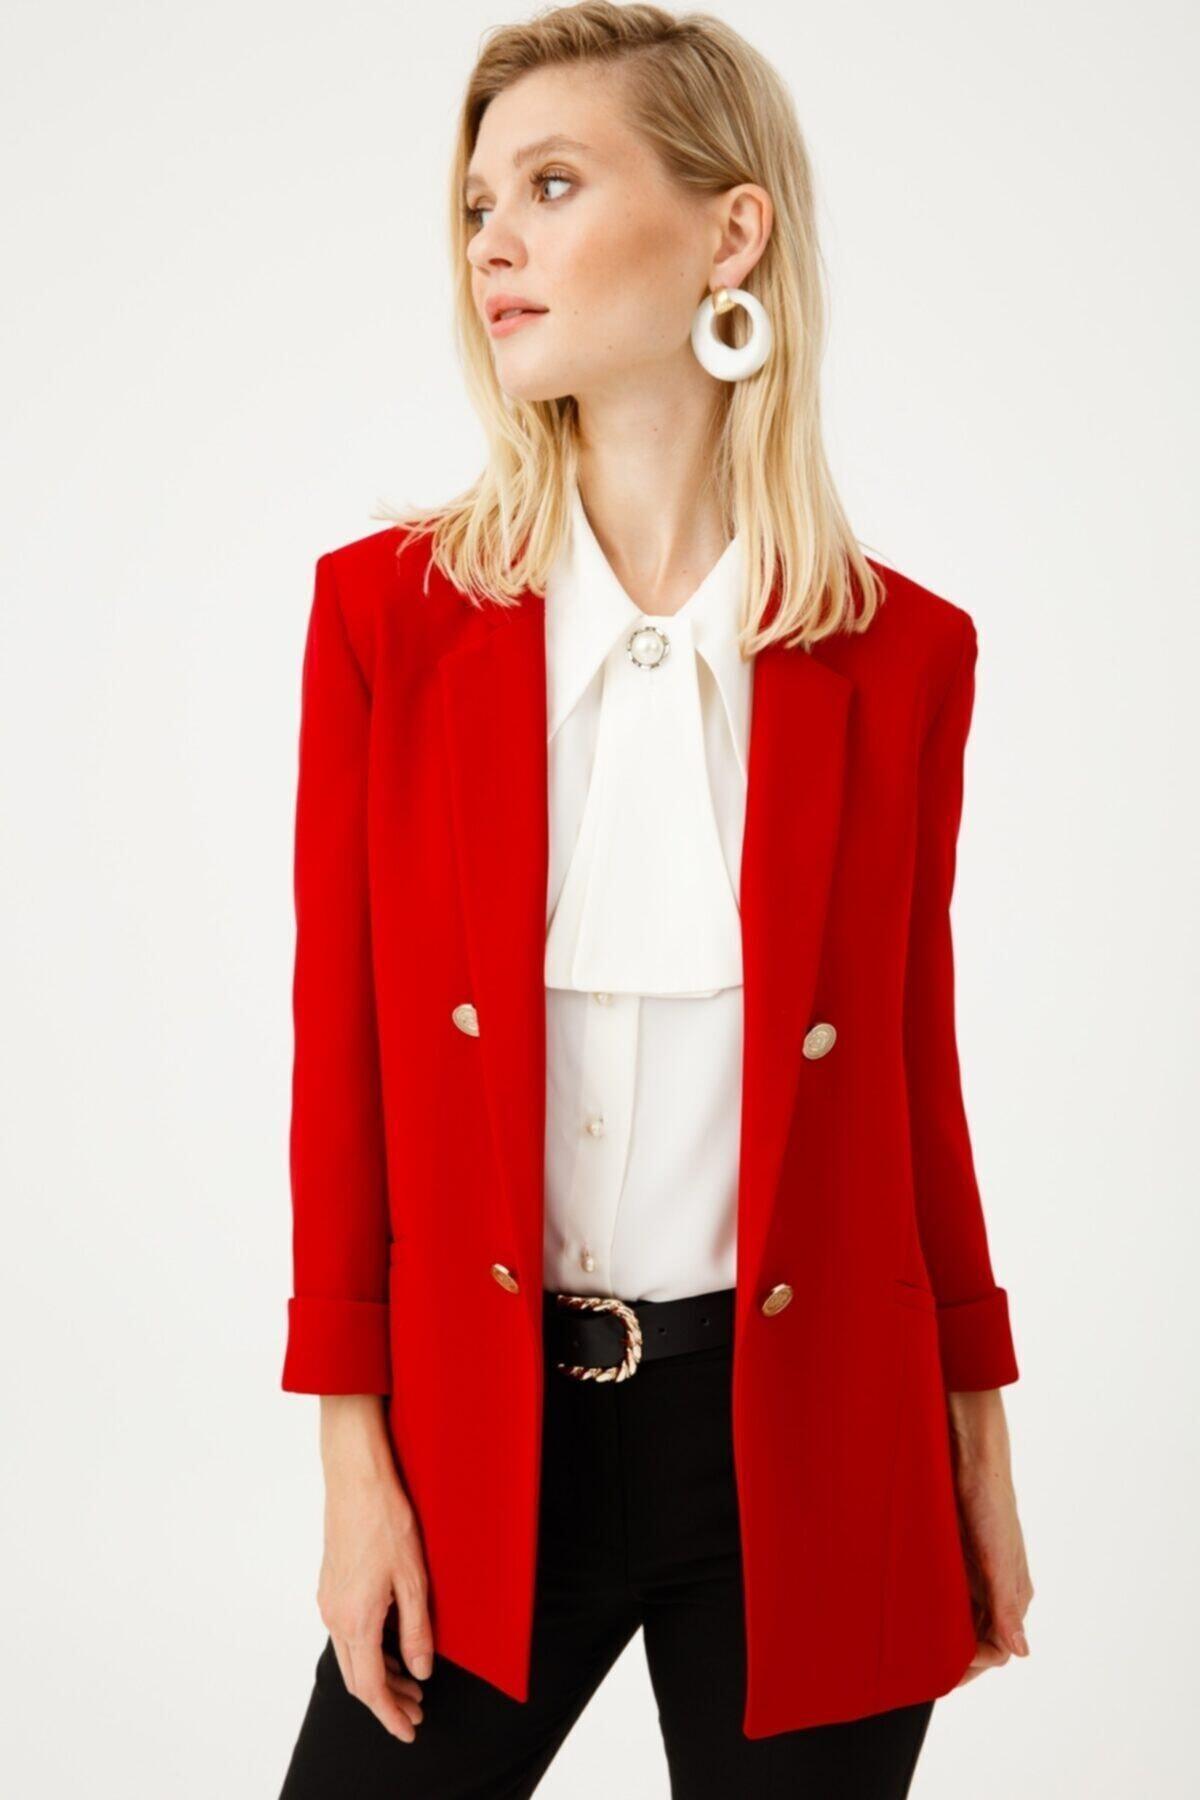 Ekol Kadın Düğmeli Blazer Ceket 5007 1